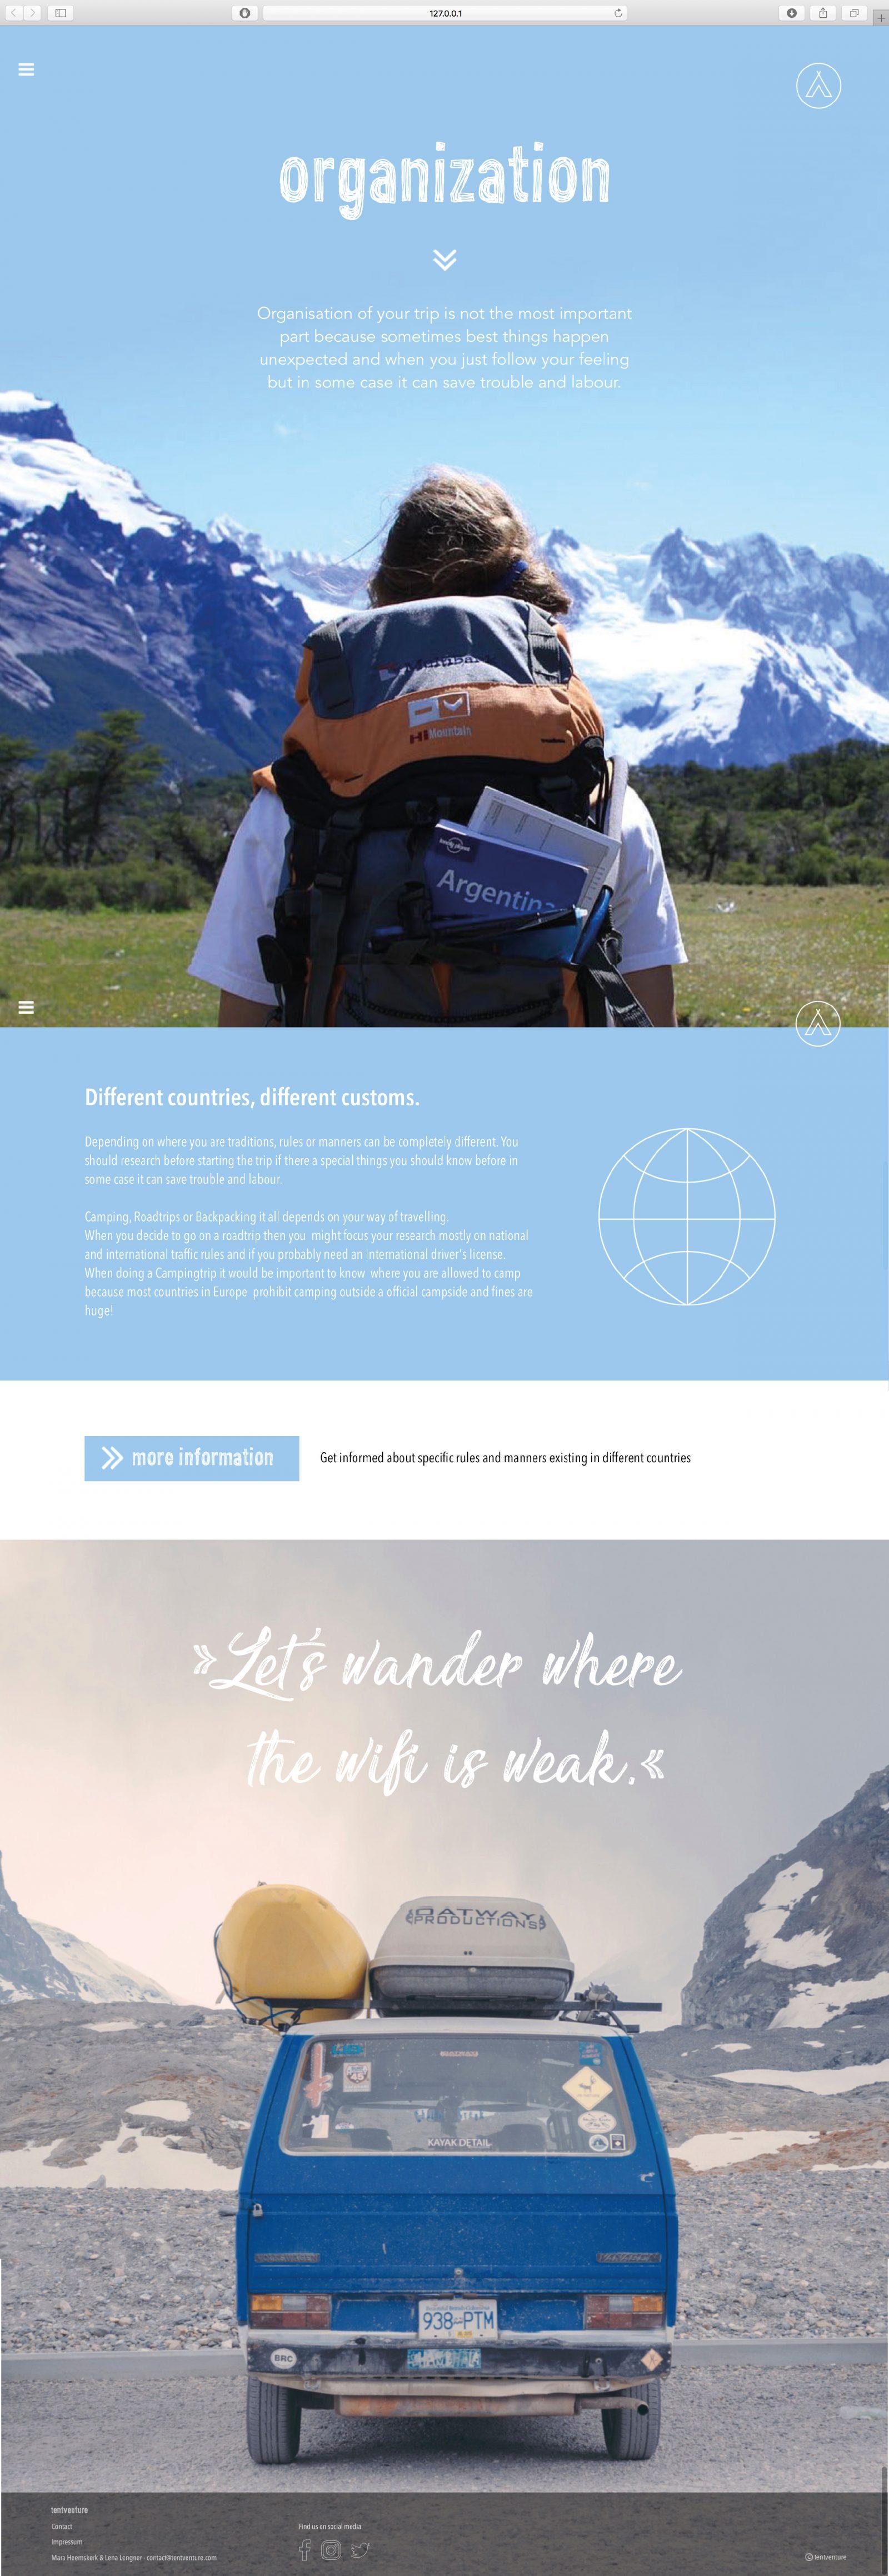 Heemskerk Lengner Website organization